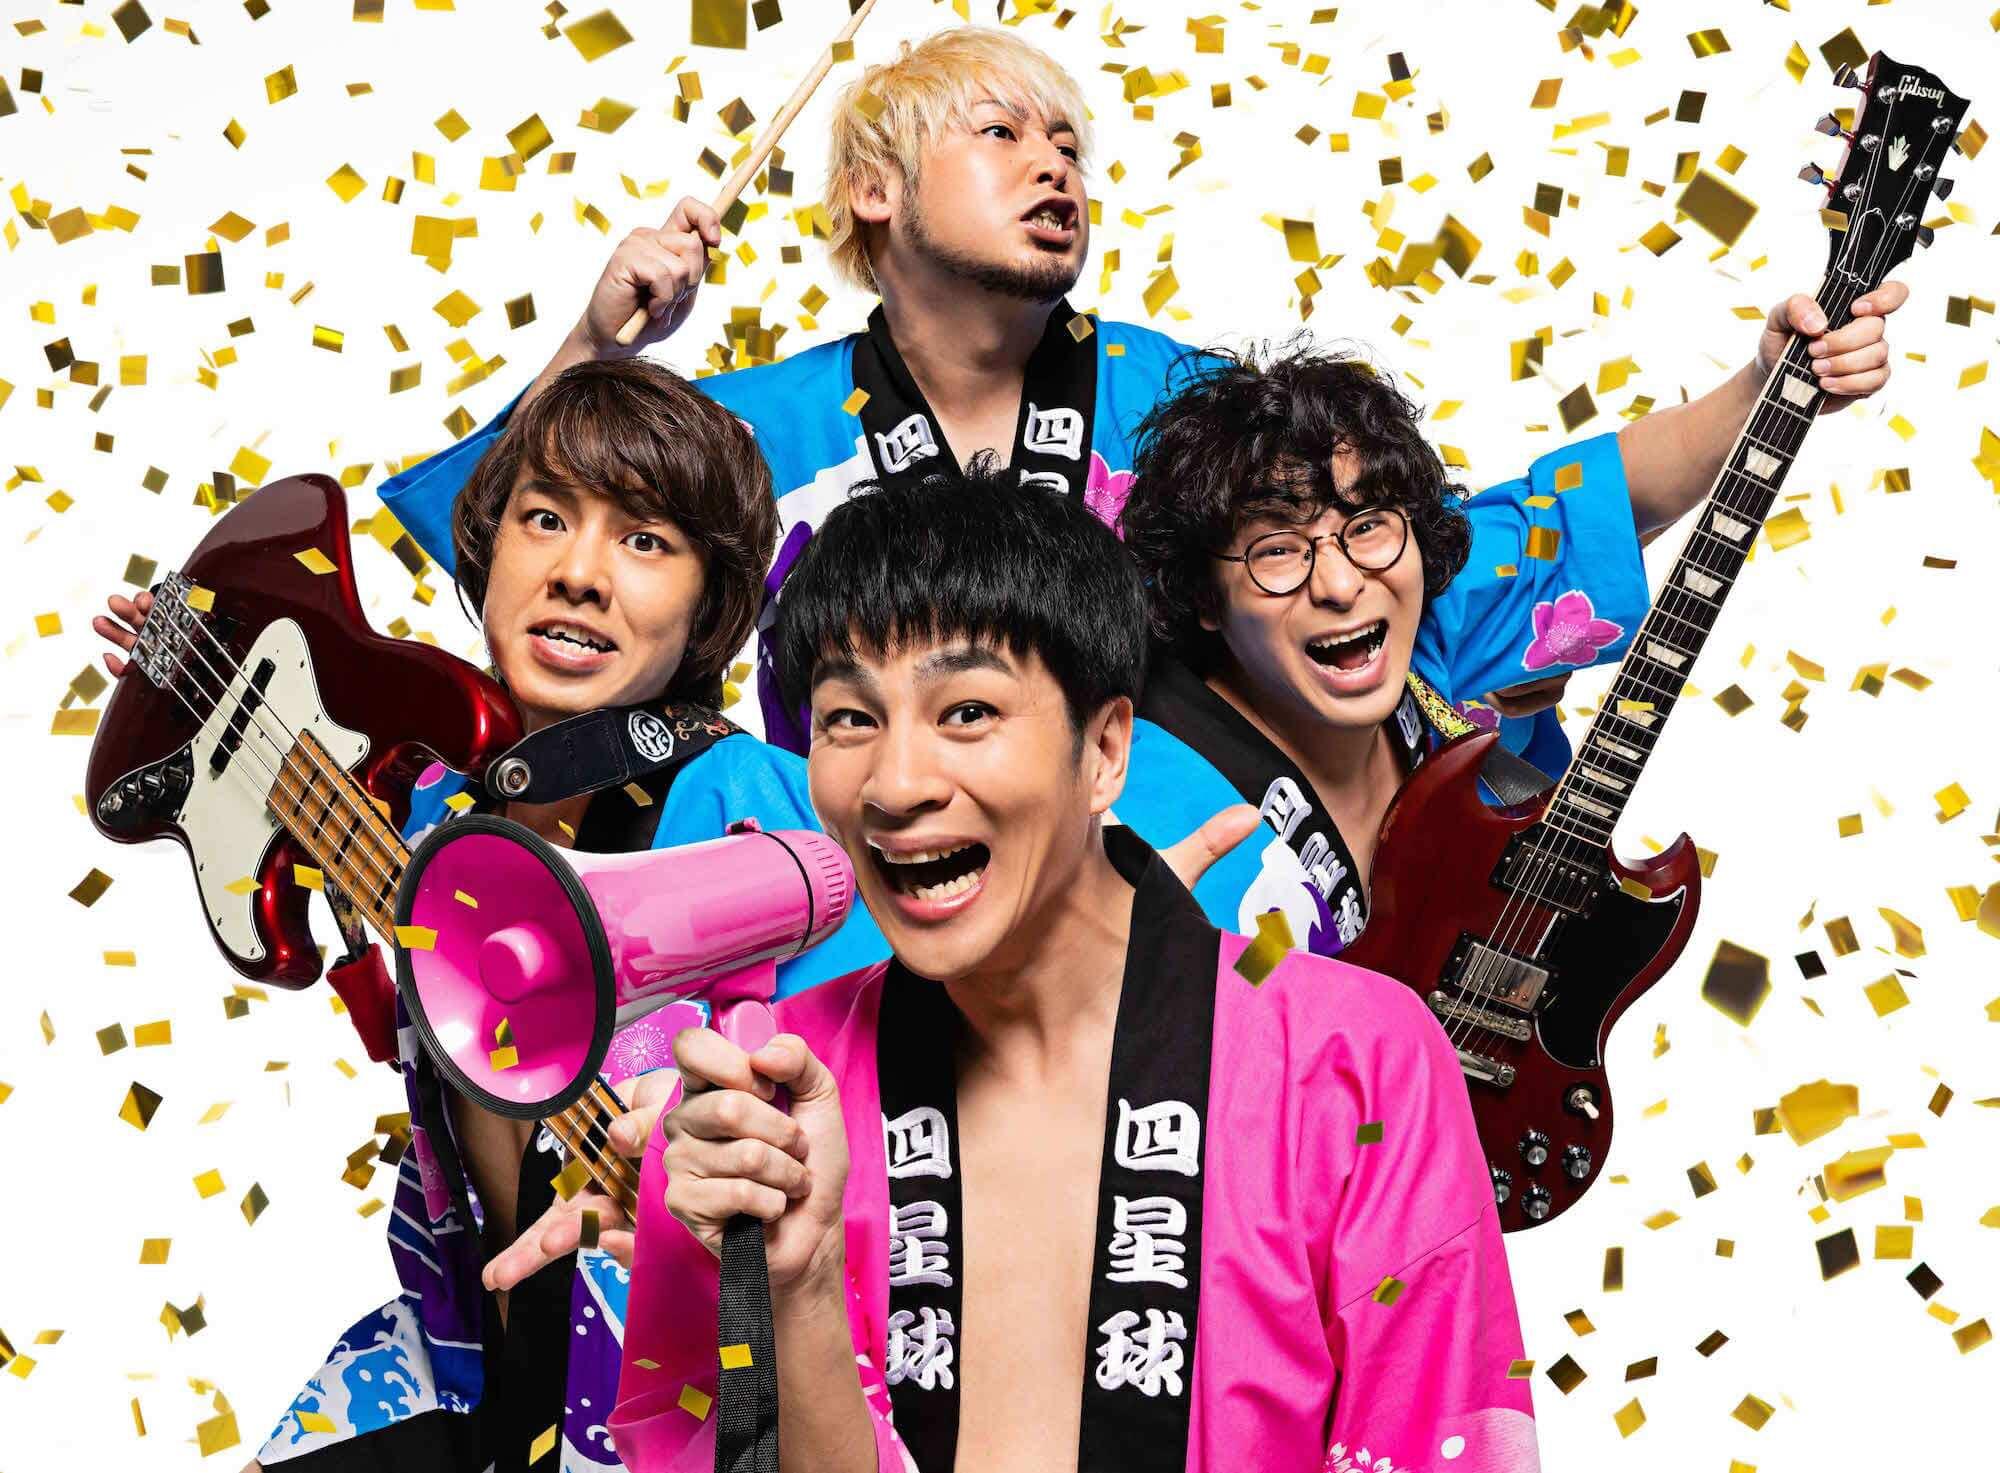 四星球 ニューアルバム「SWEAT 17 BLUES」 完成会見&新作MV初公開の LINE LIVE特番配信決定